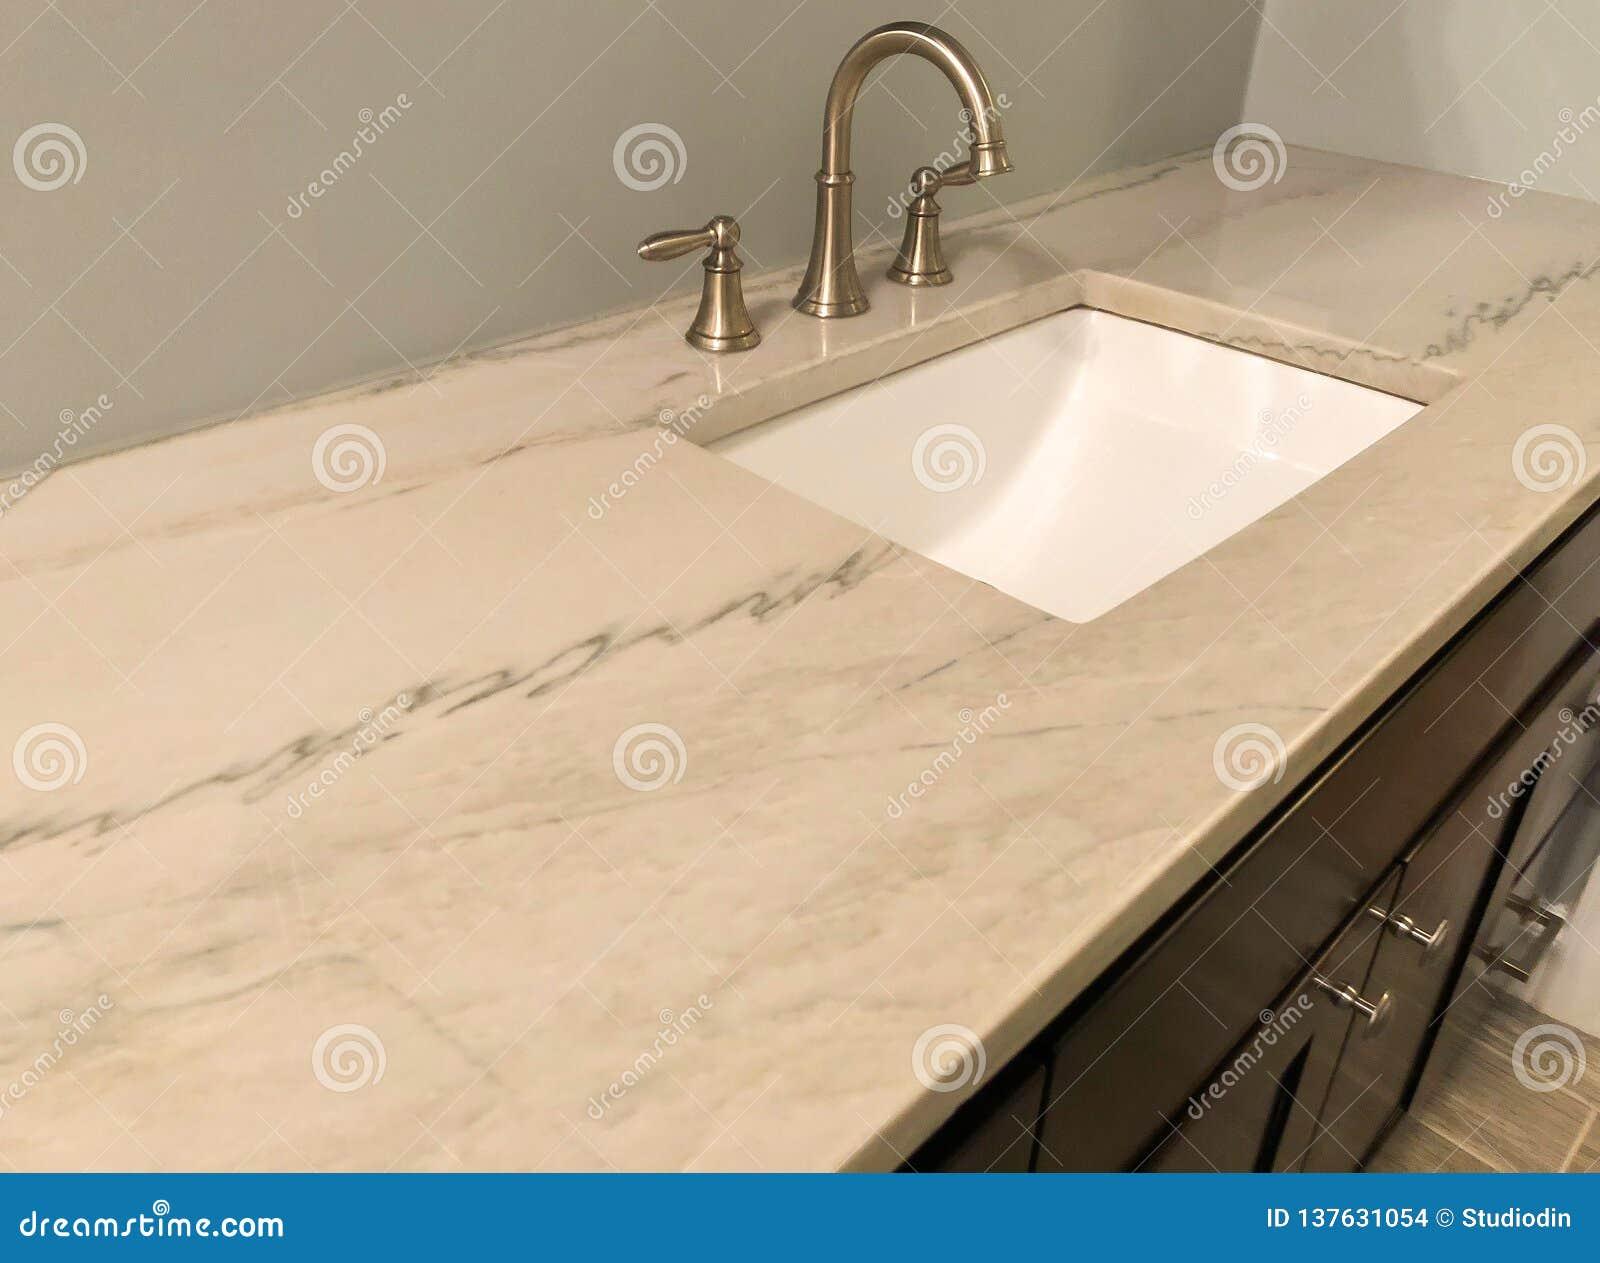 Plan De Travail Granit Beige partie supérieure du comptoir de granit avec le robinet